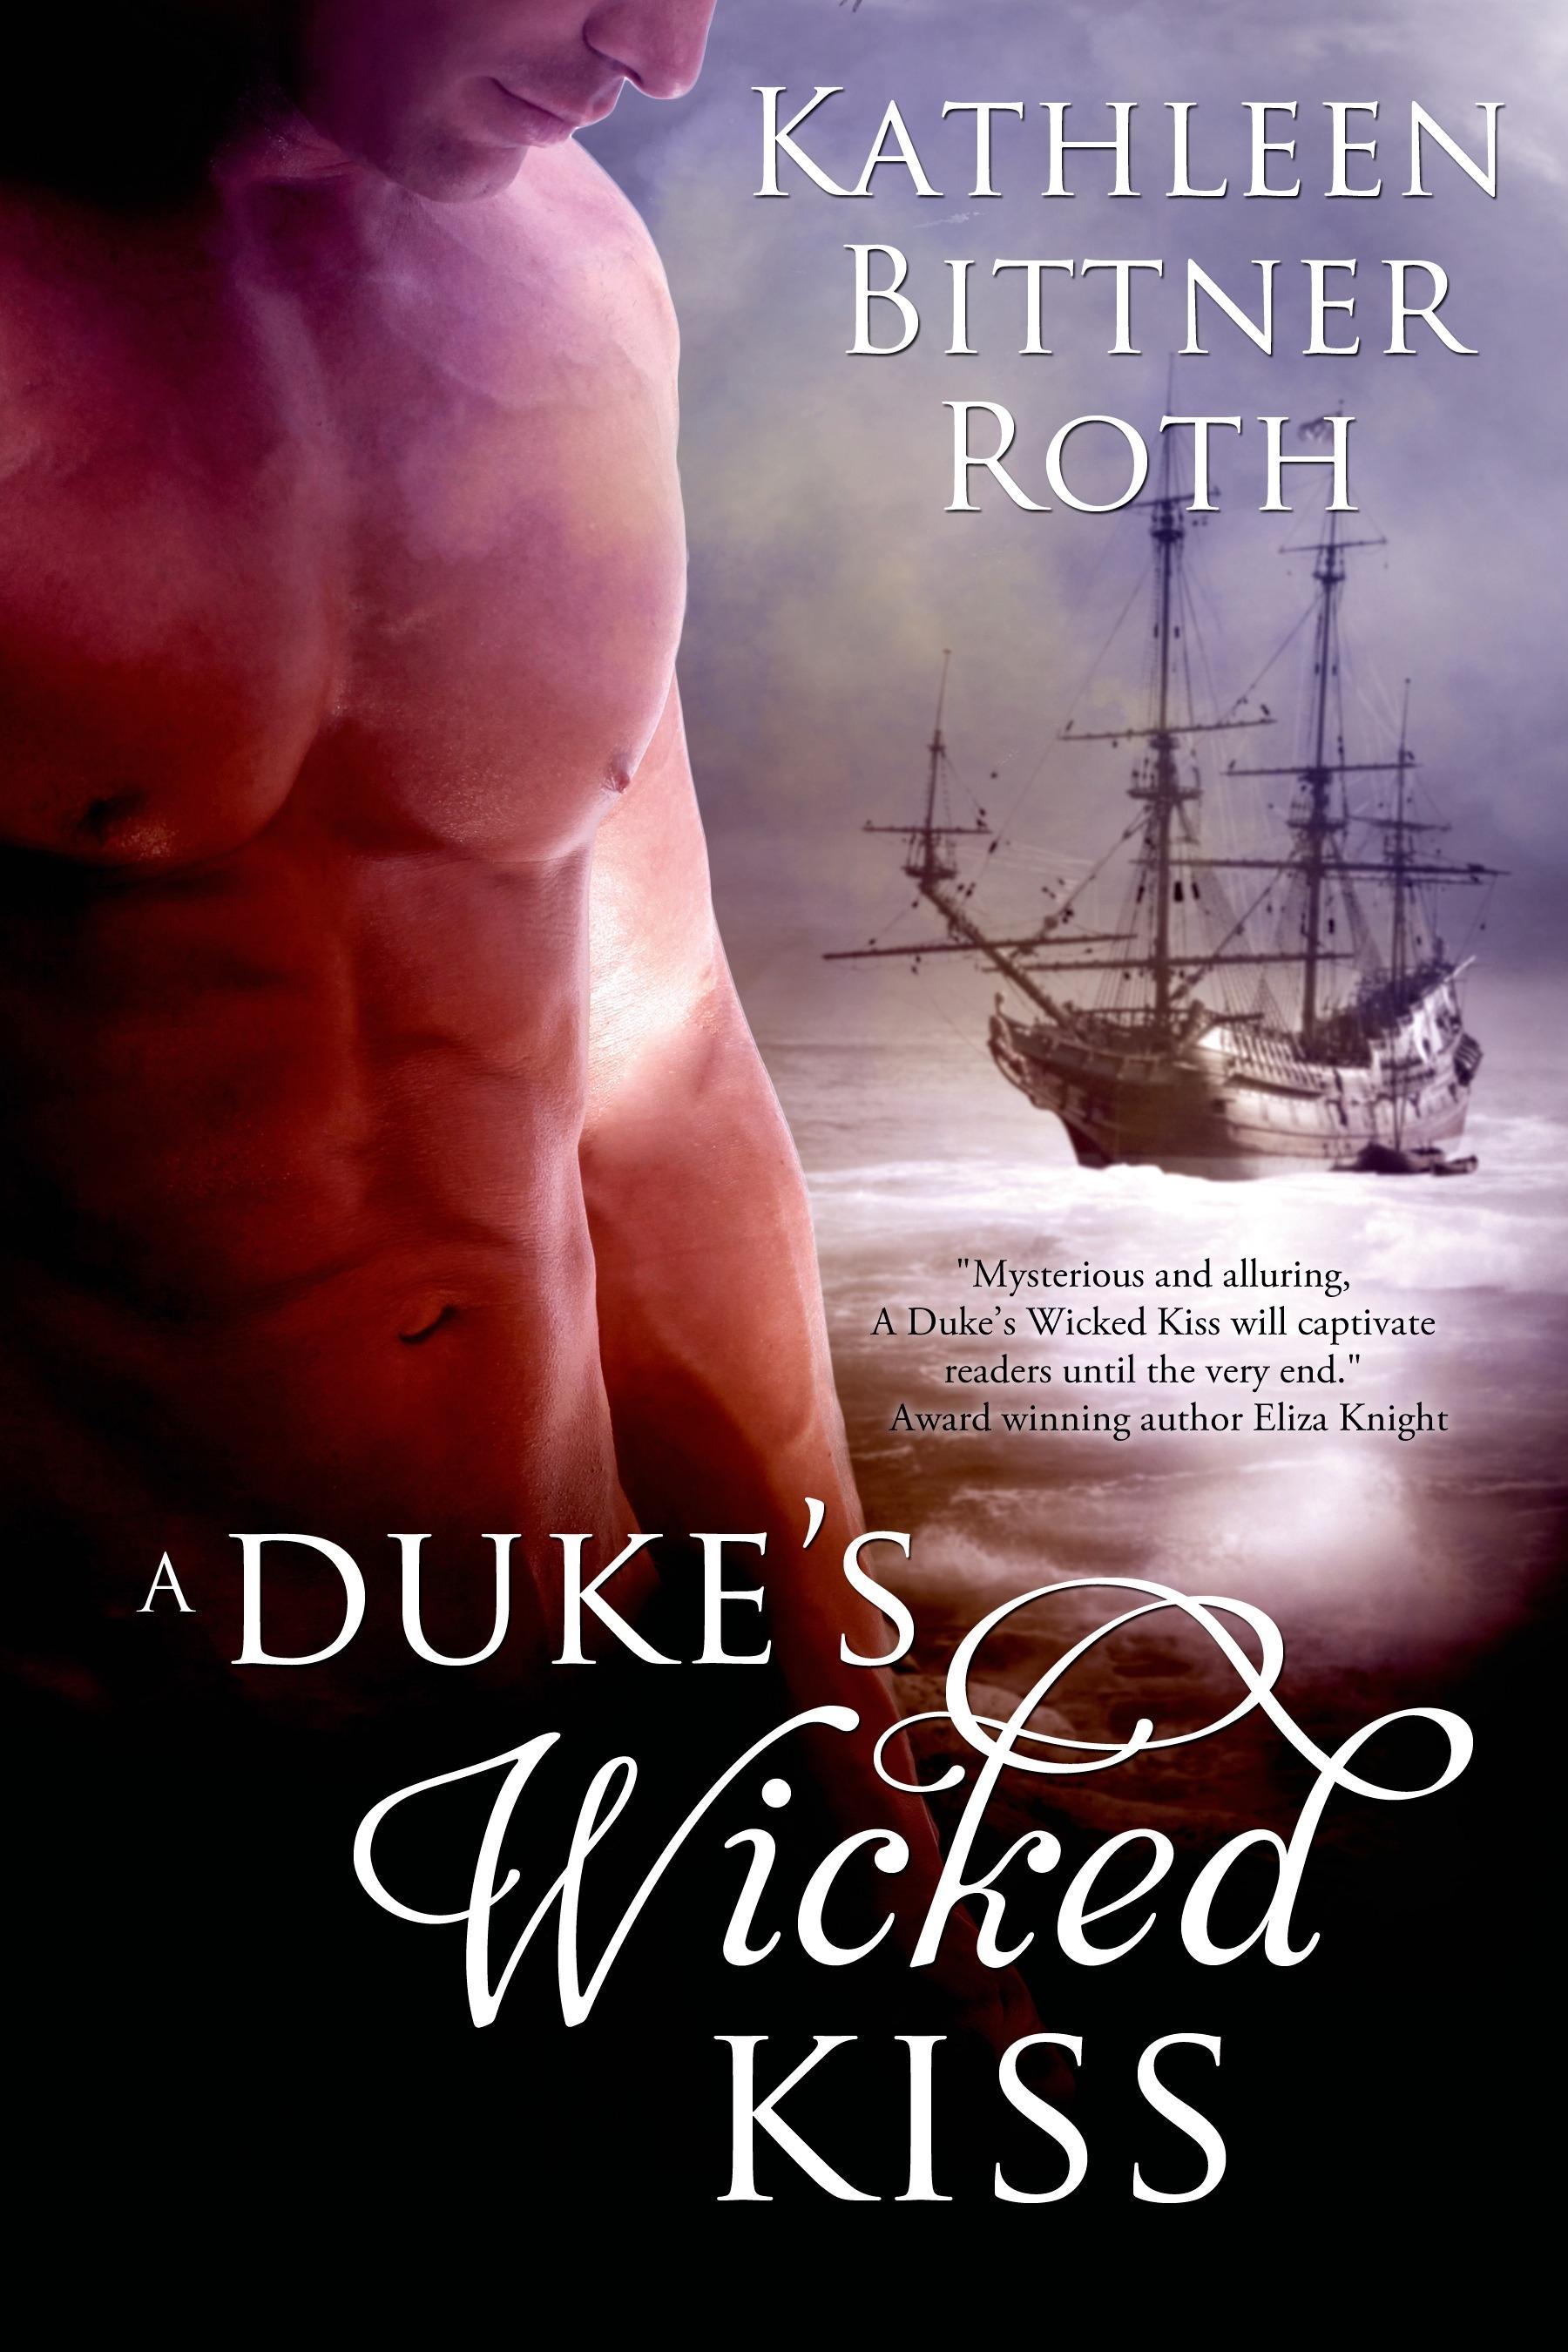 Kathleen Bittner Roth ~ A Duke's Wicked Kiss 9781622663637